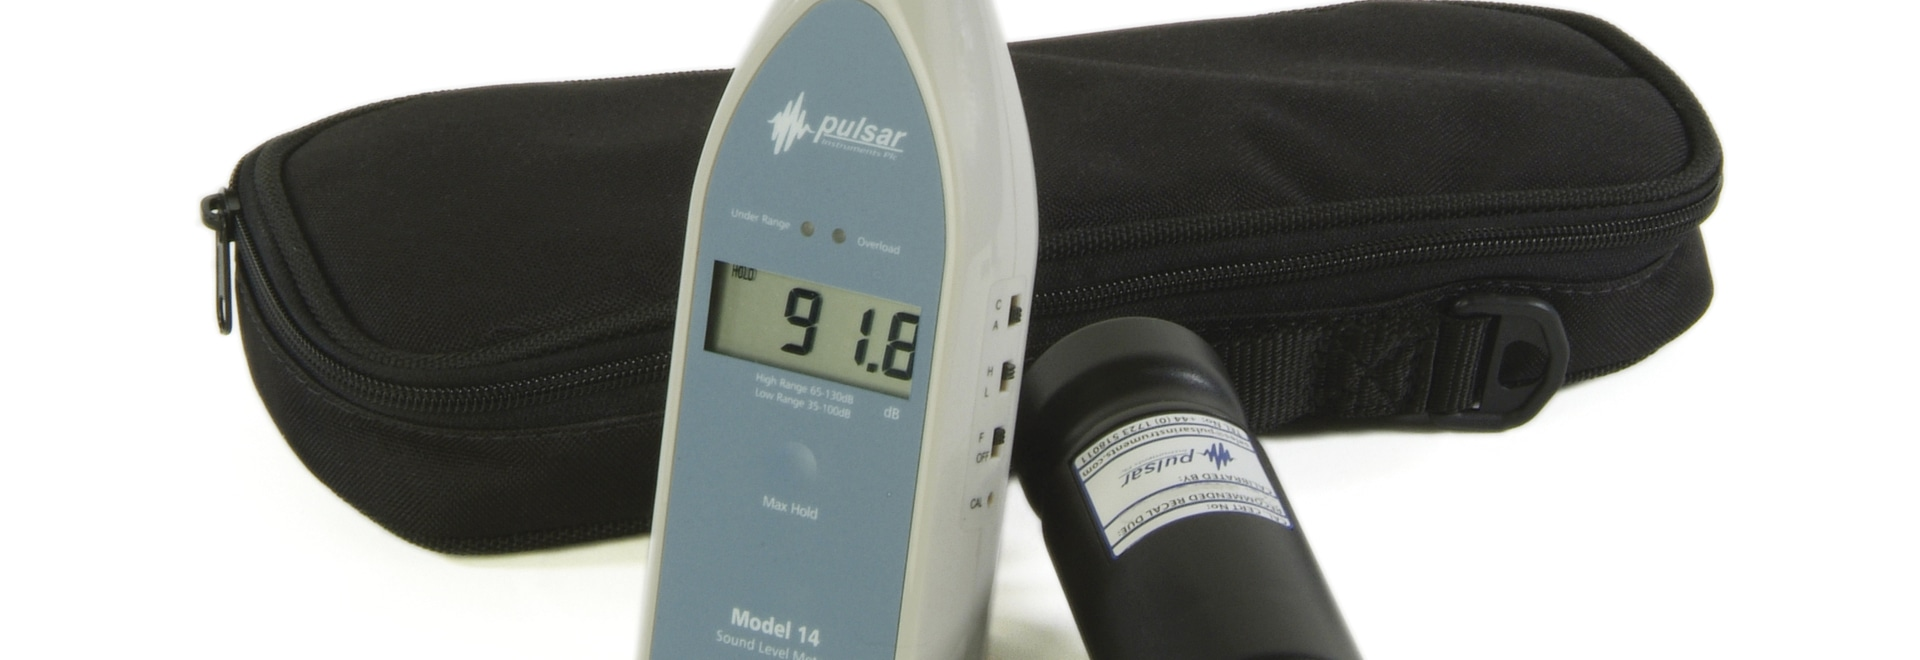 Model 14 sound level meter kit